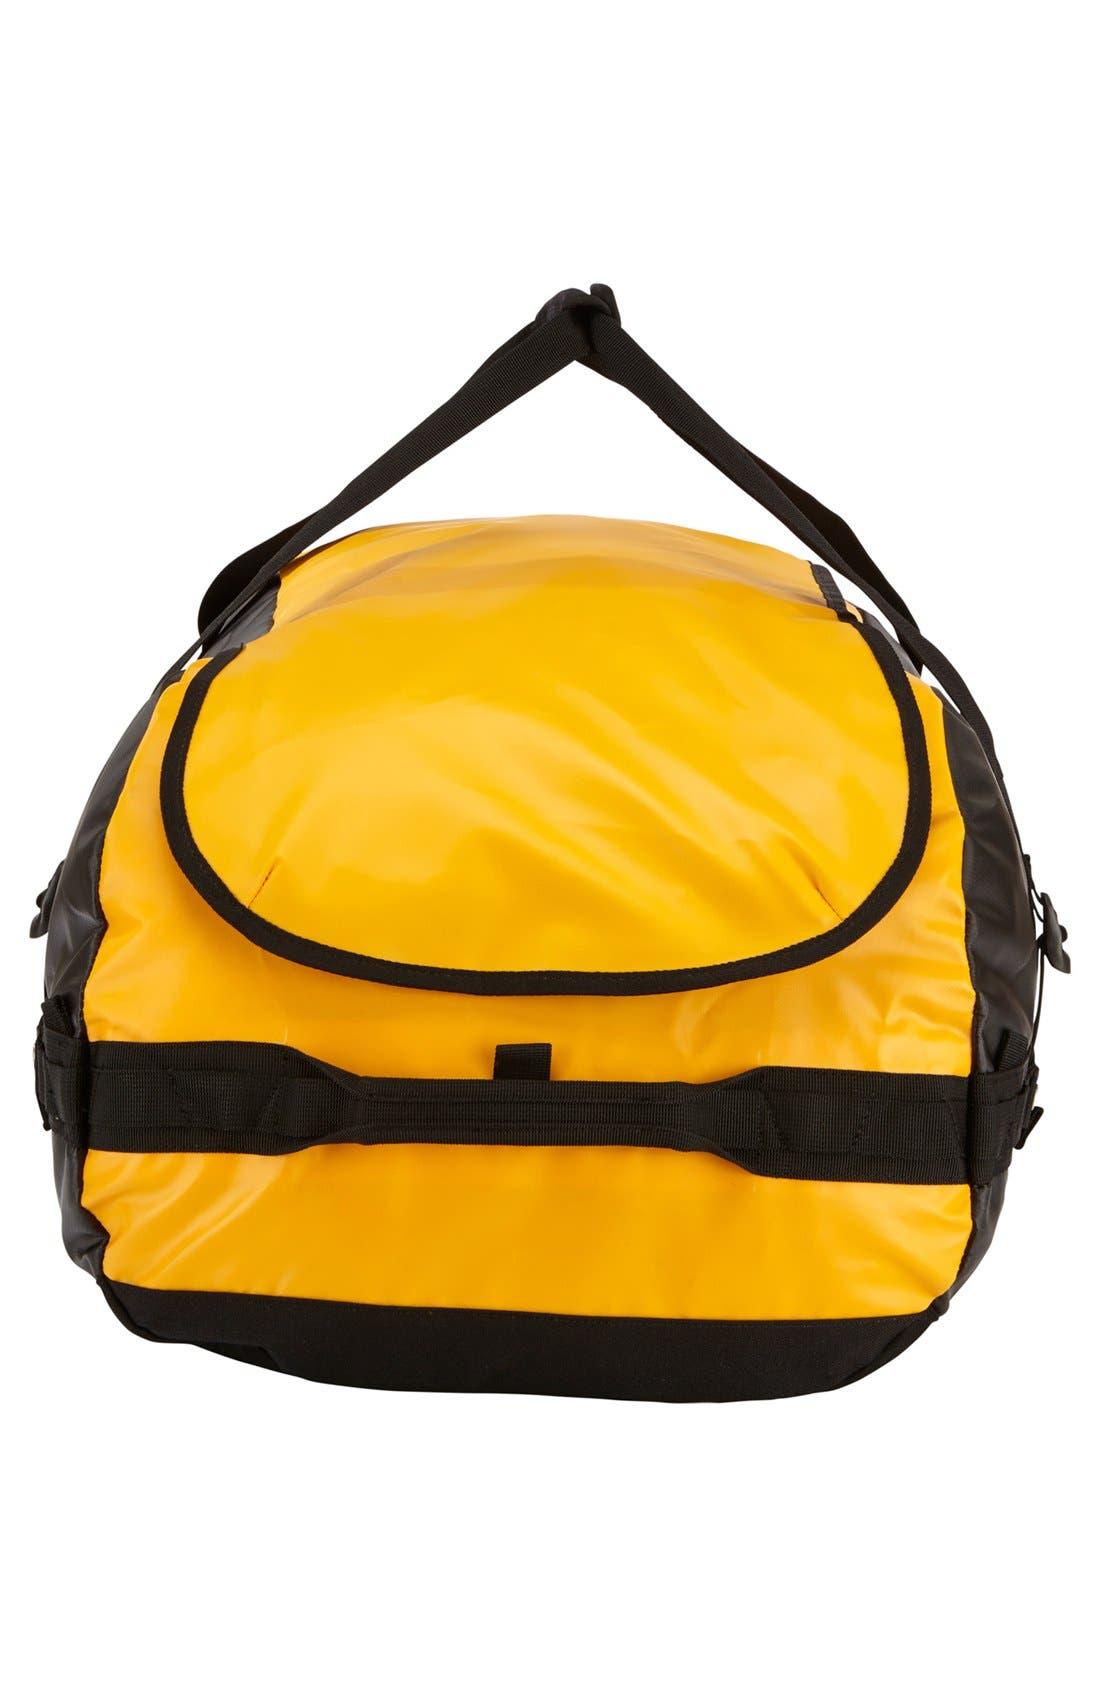 Alternate Image 3  - Thule Large Duffel Bag (90L Capacity)